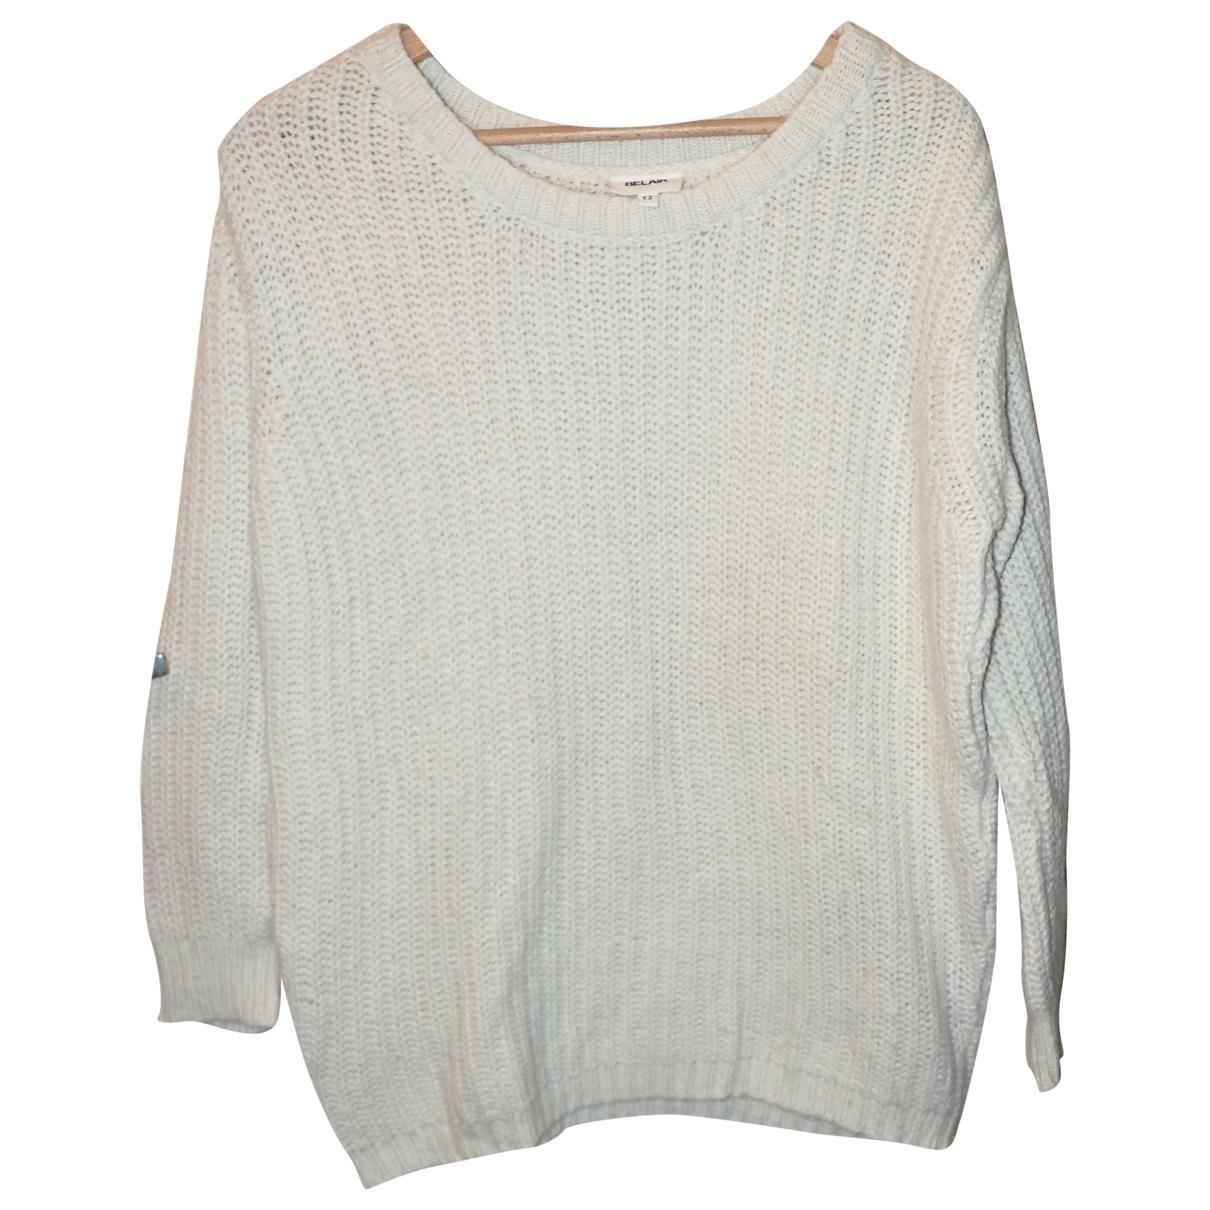 Bel Air \N Knitwear for Women 2 0-5